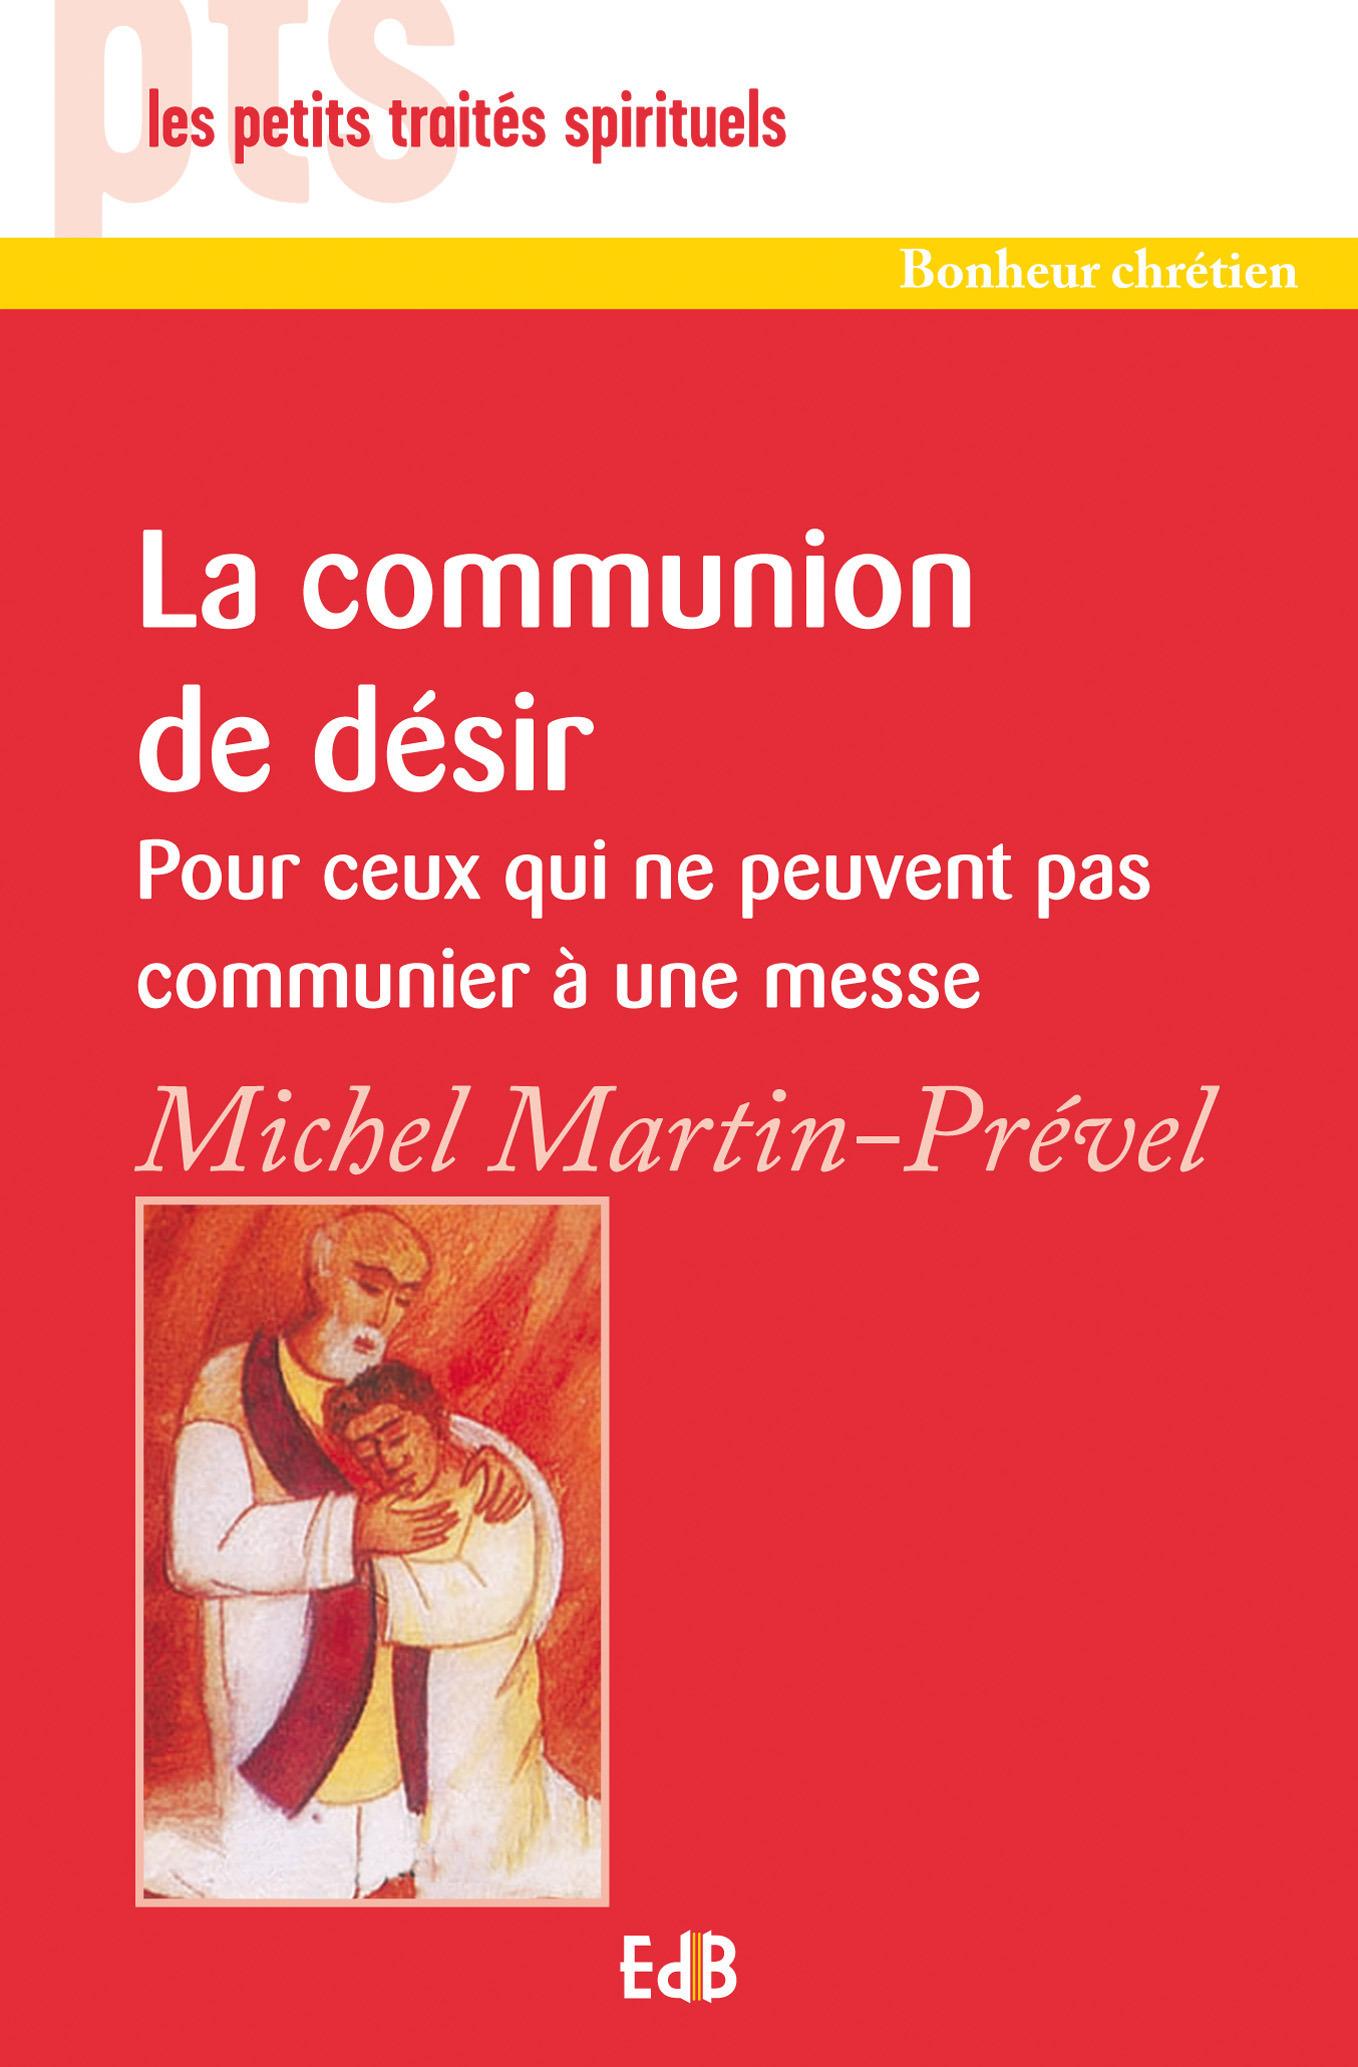 La communion de désir, pour ceux qui ne peuvent pas communier à une messe